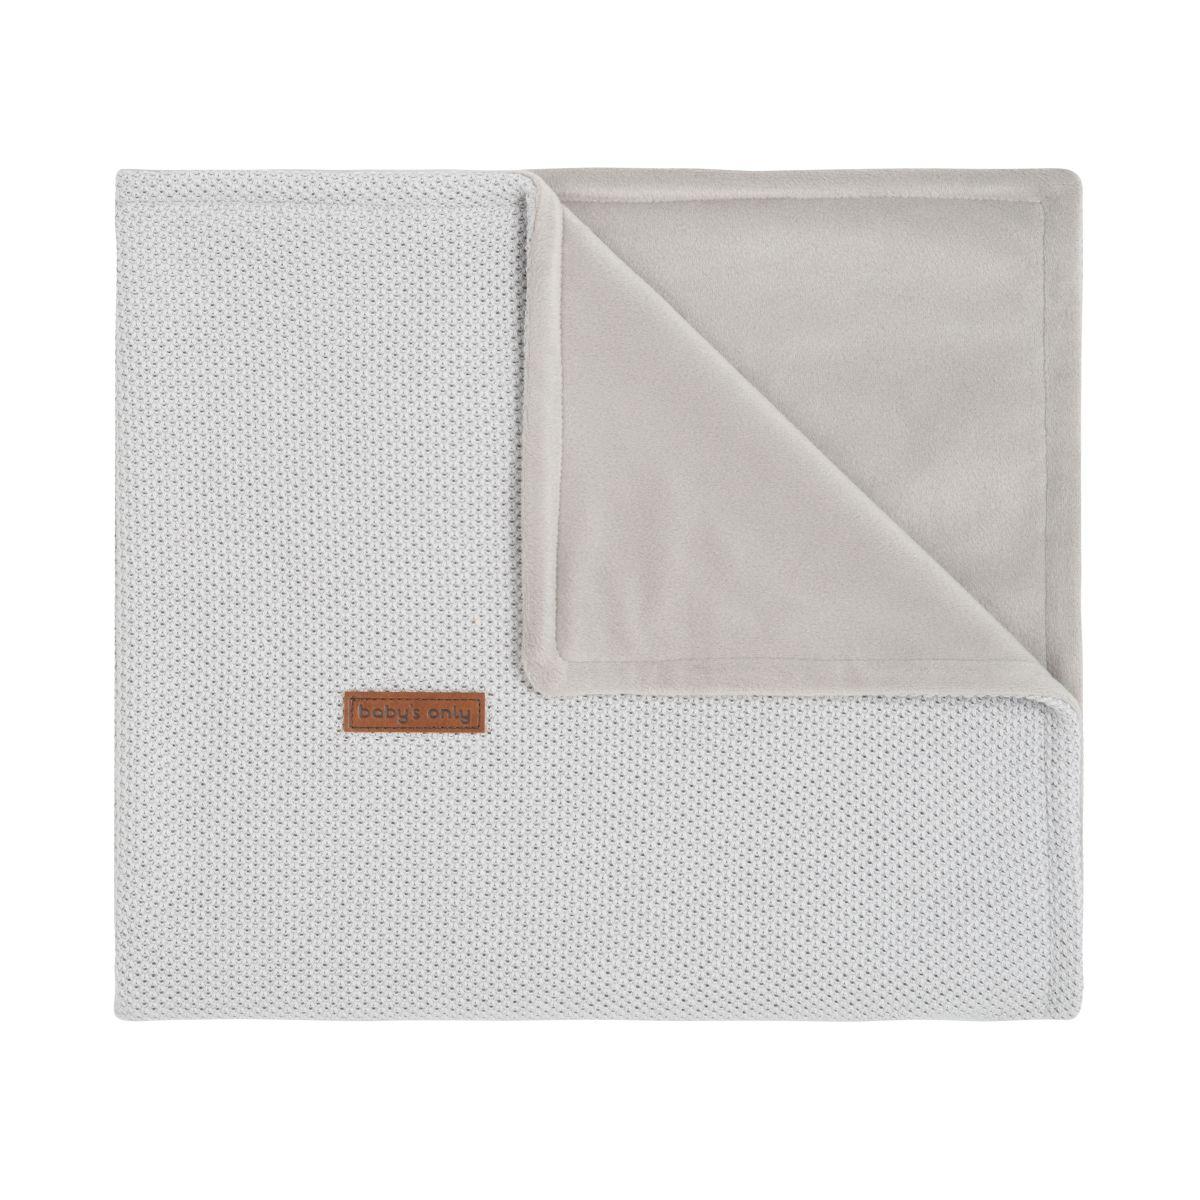 couverture berceau soft classic gris argent